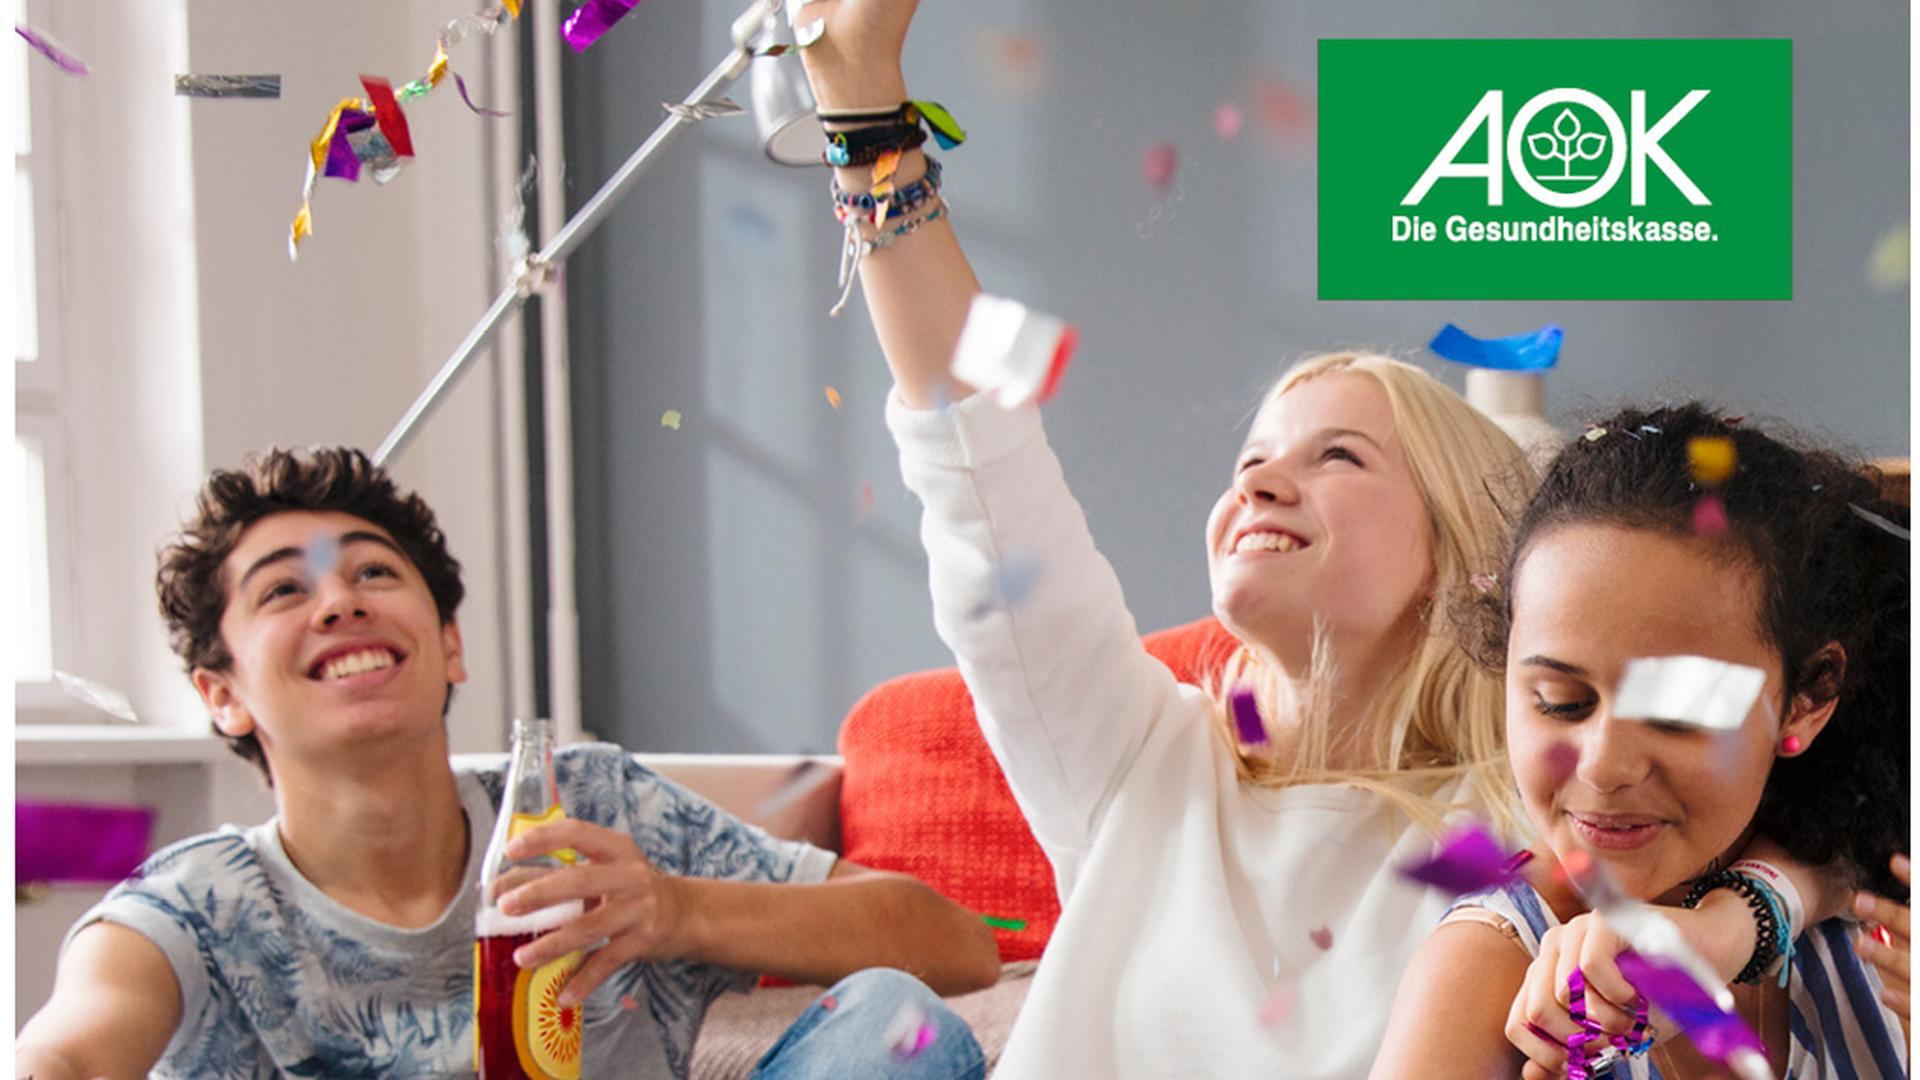 Bereits für die Jüngsten setzt sich die AOK im ganzen Land für die Gesundheit ein.